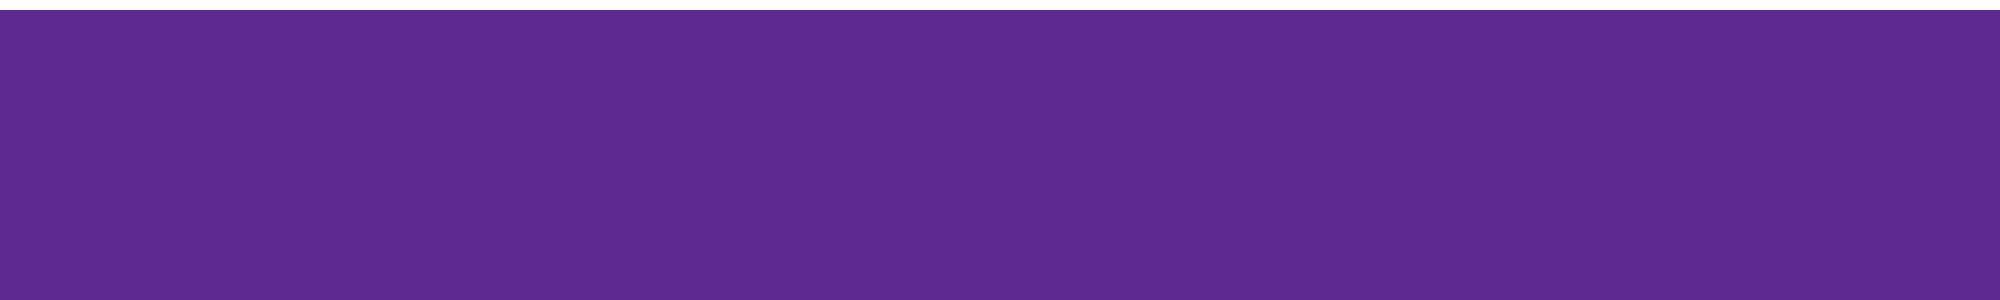 Background Strip